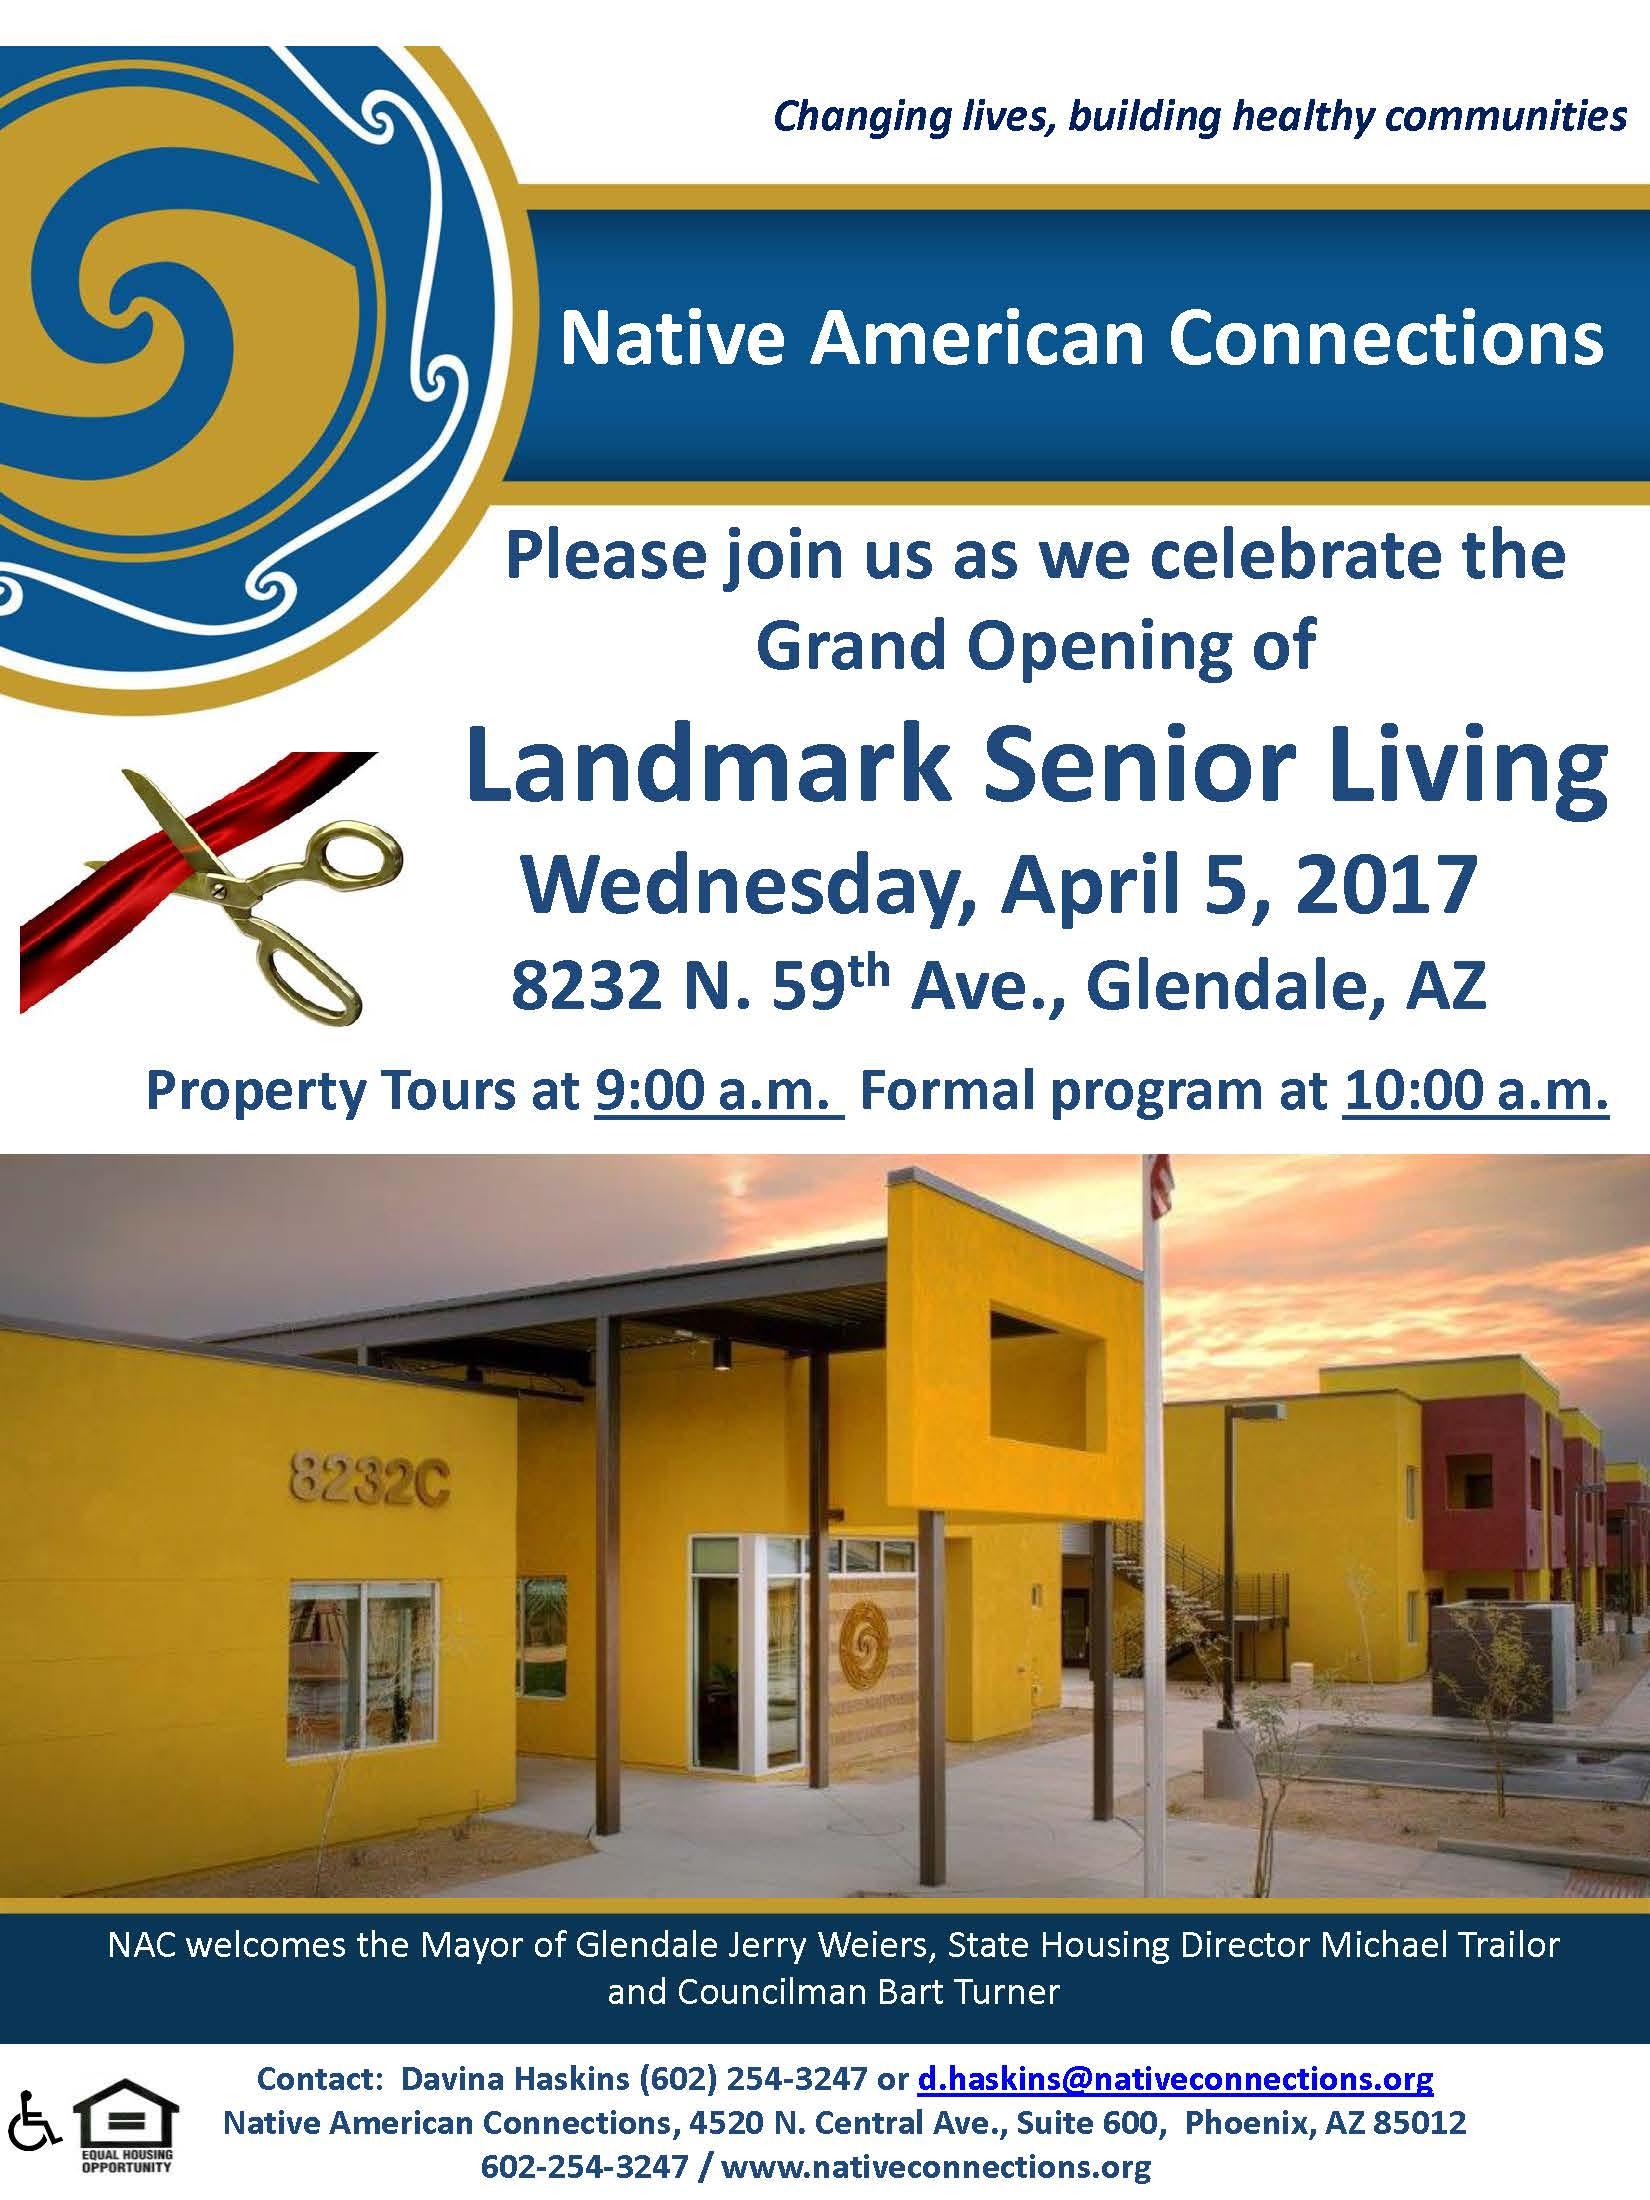 Ordinaire Landmark Senior Living Grand Opening!